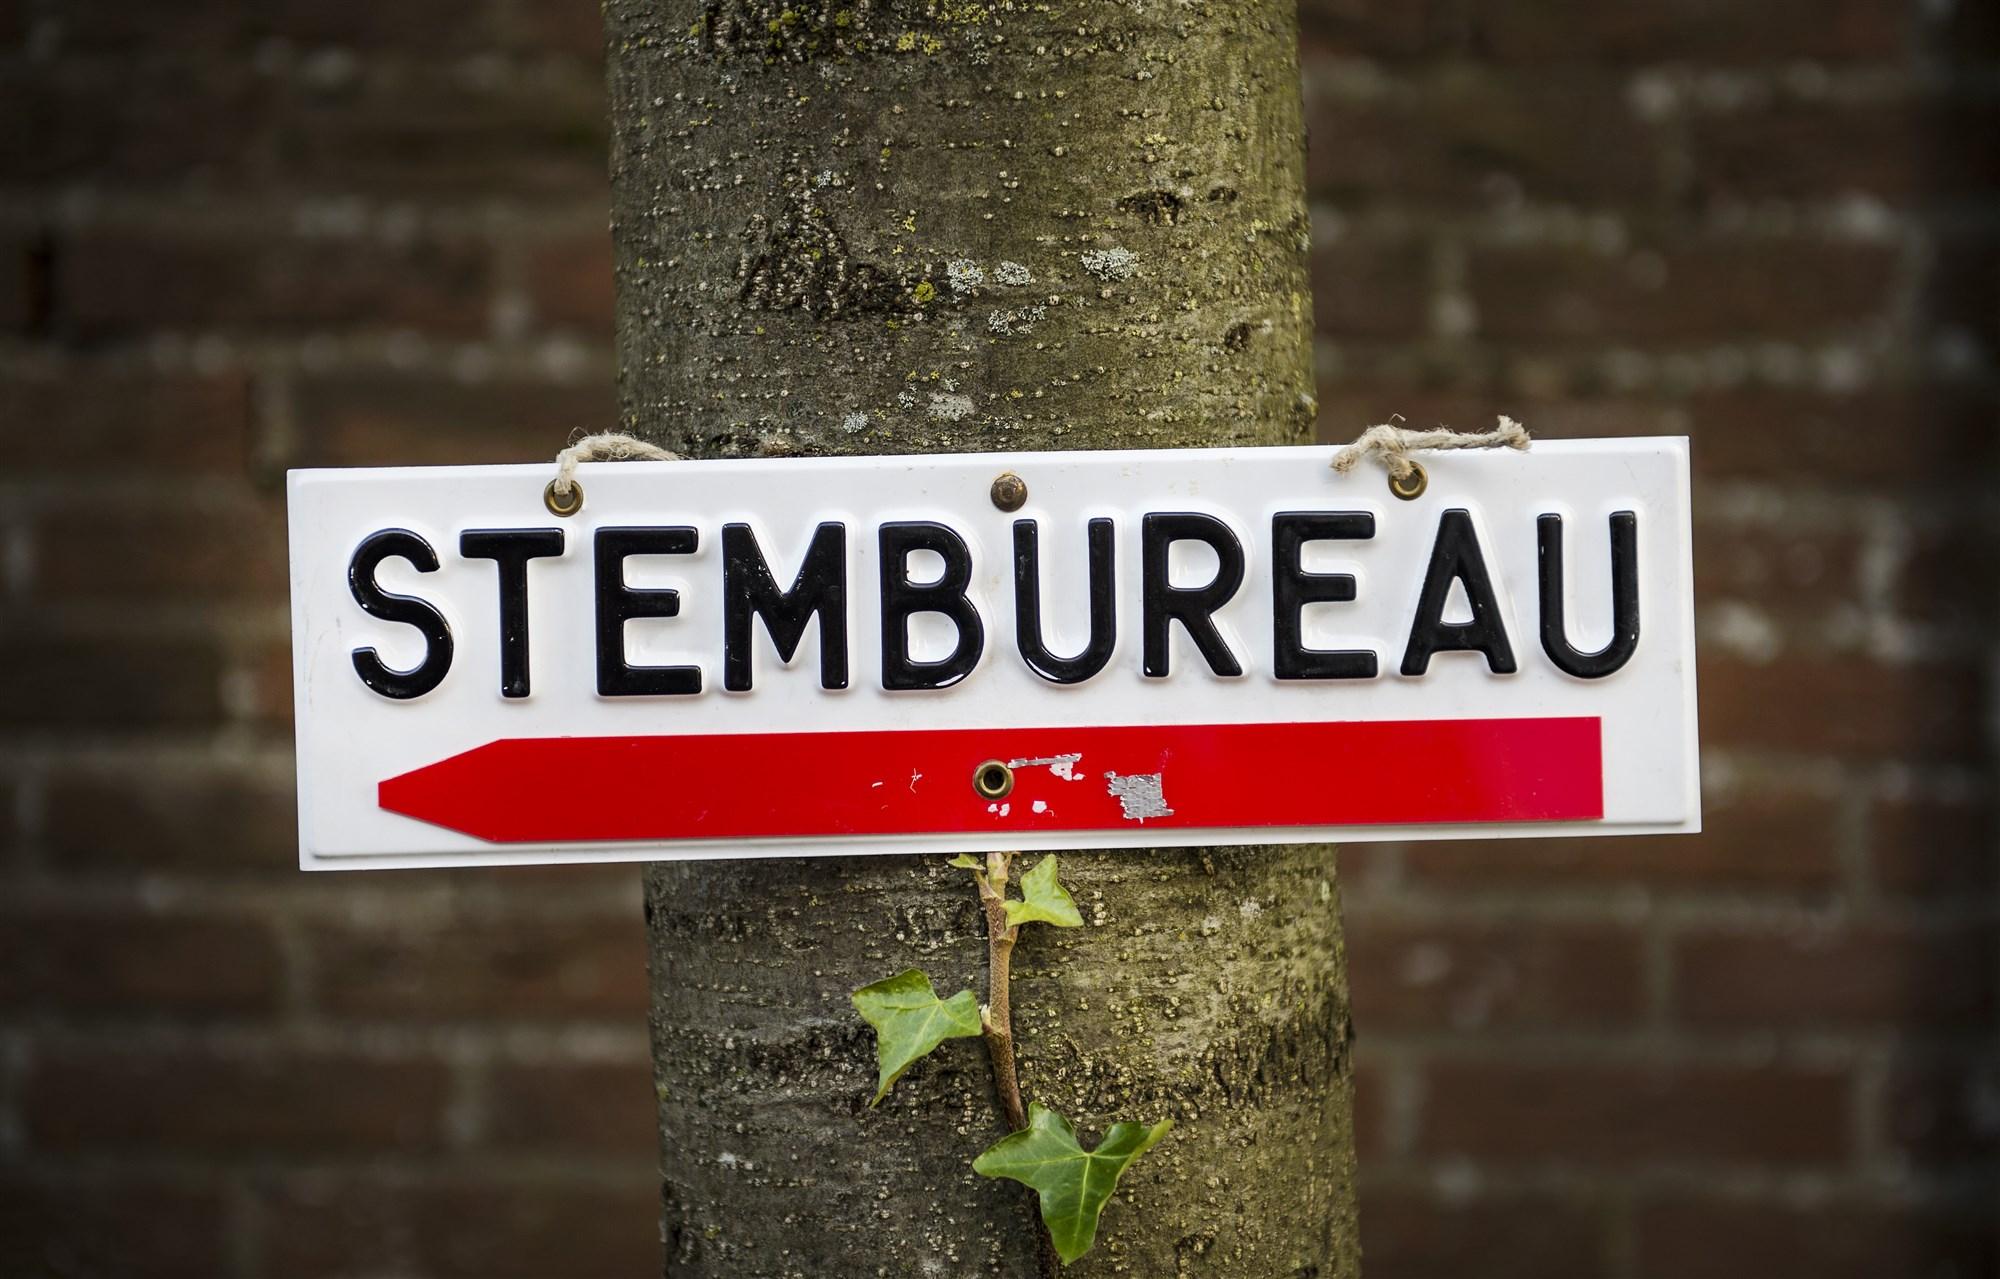 hier kan je stemmen in Enschede